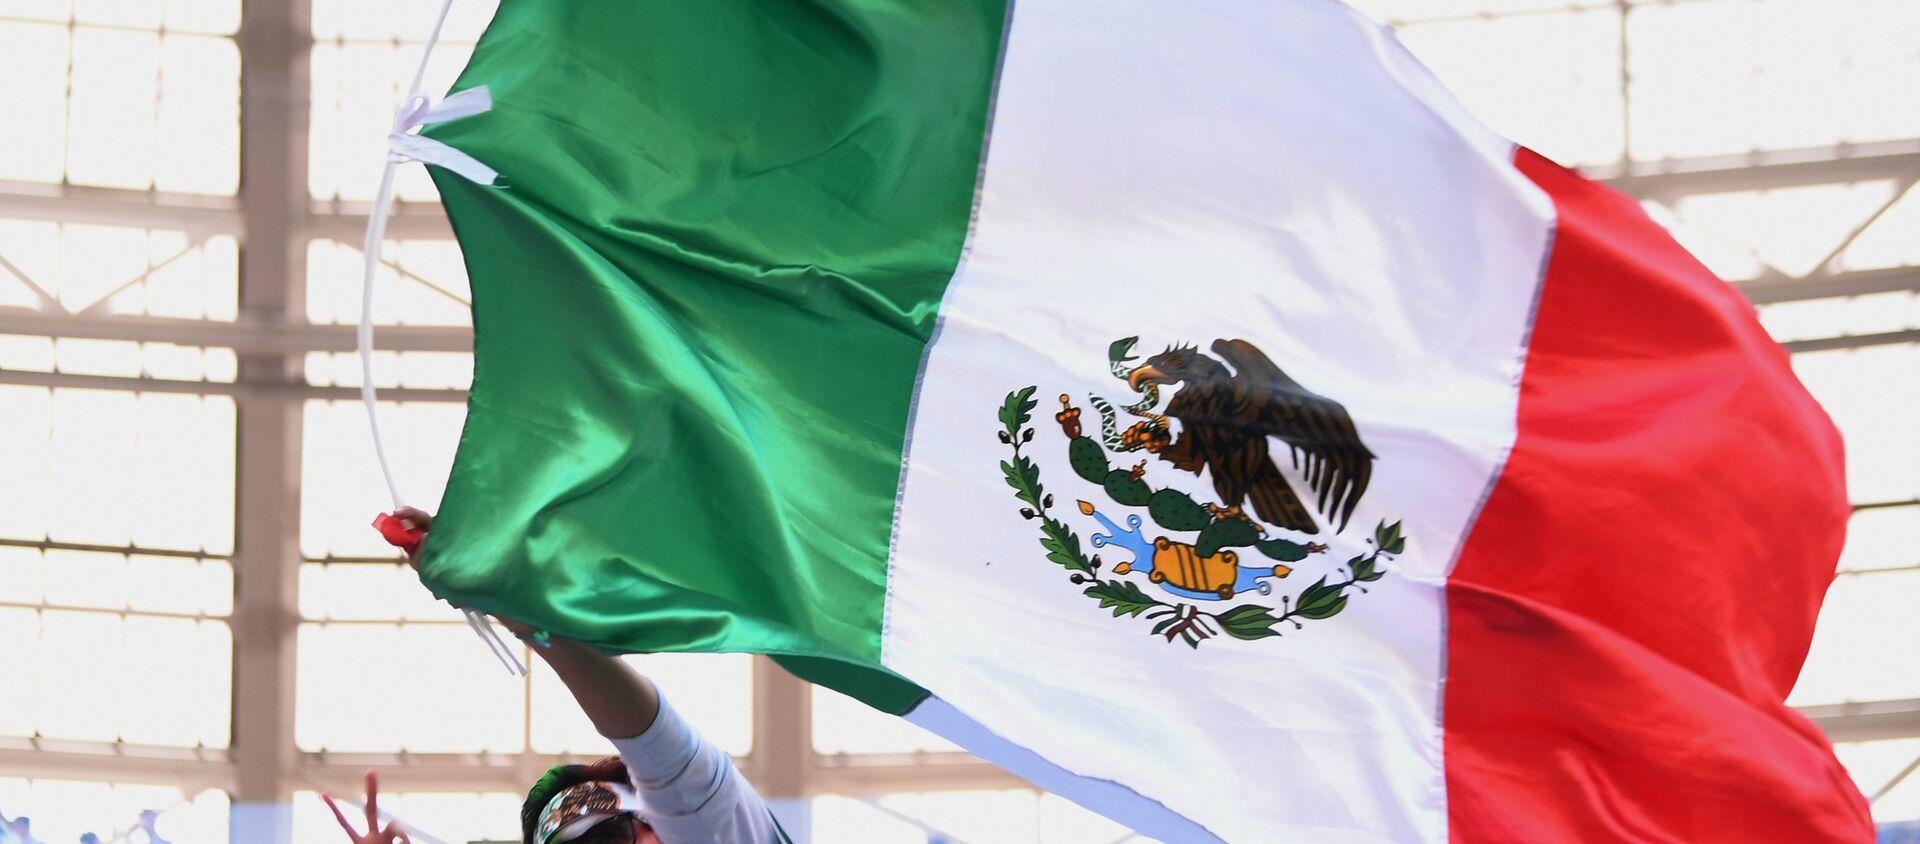 La bandera de México - Sputnik Mundo, 1920, 02.01.2019